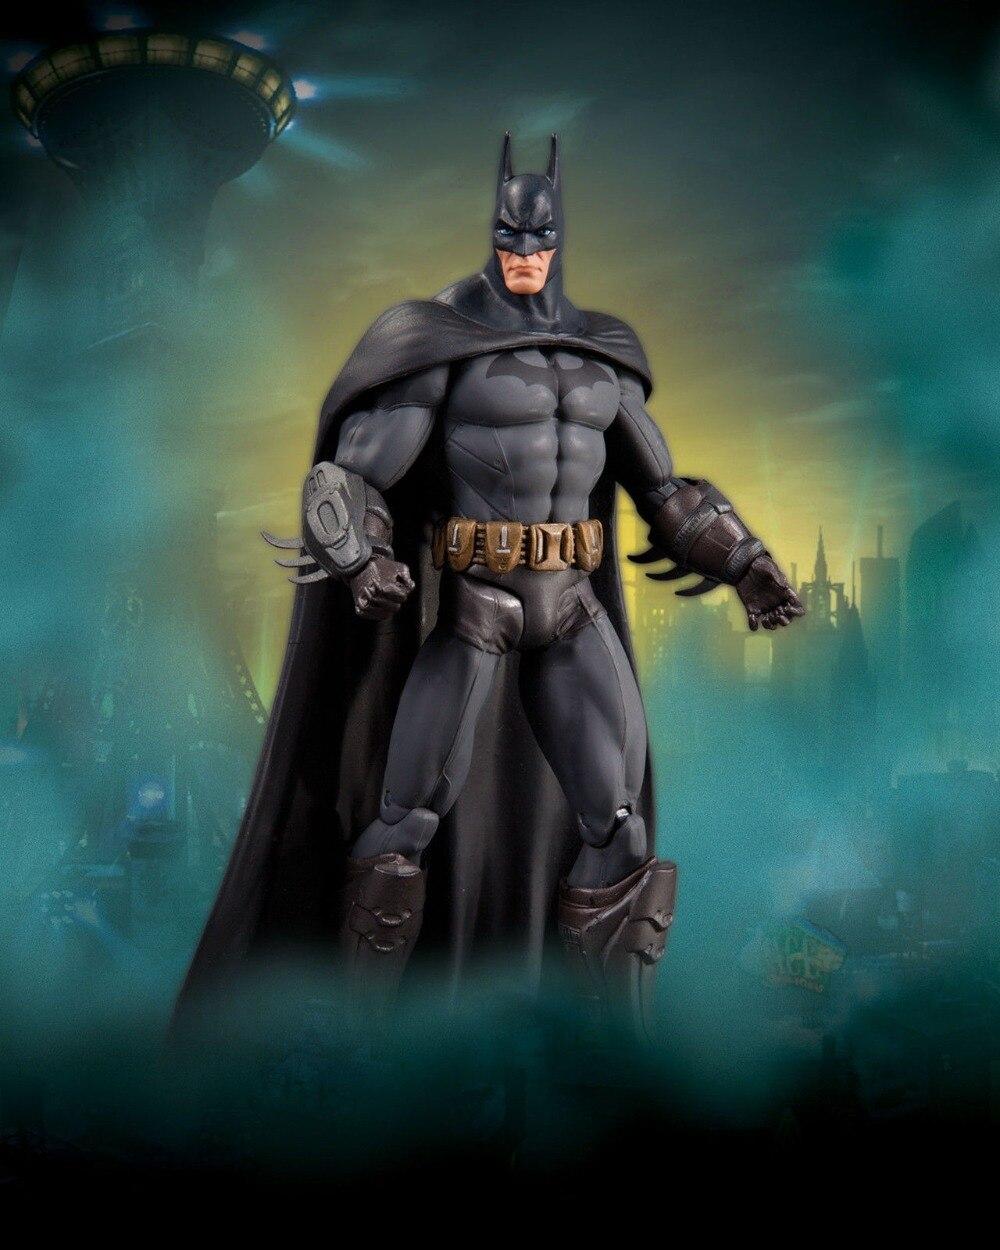 Collectibles Batman: Arkham City Series 3 BATMAN Action Figure Asylum Direct DC 18cm Series limited 18cm high classic toy forrest gump batman arkham asylum action figure toys